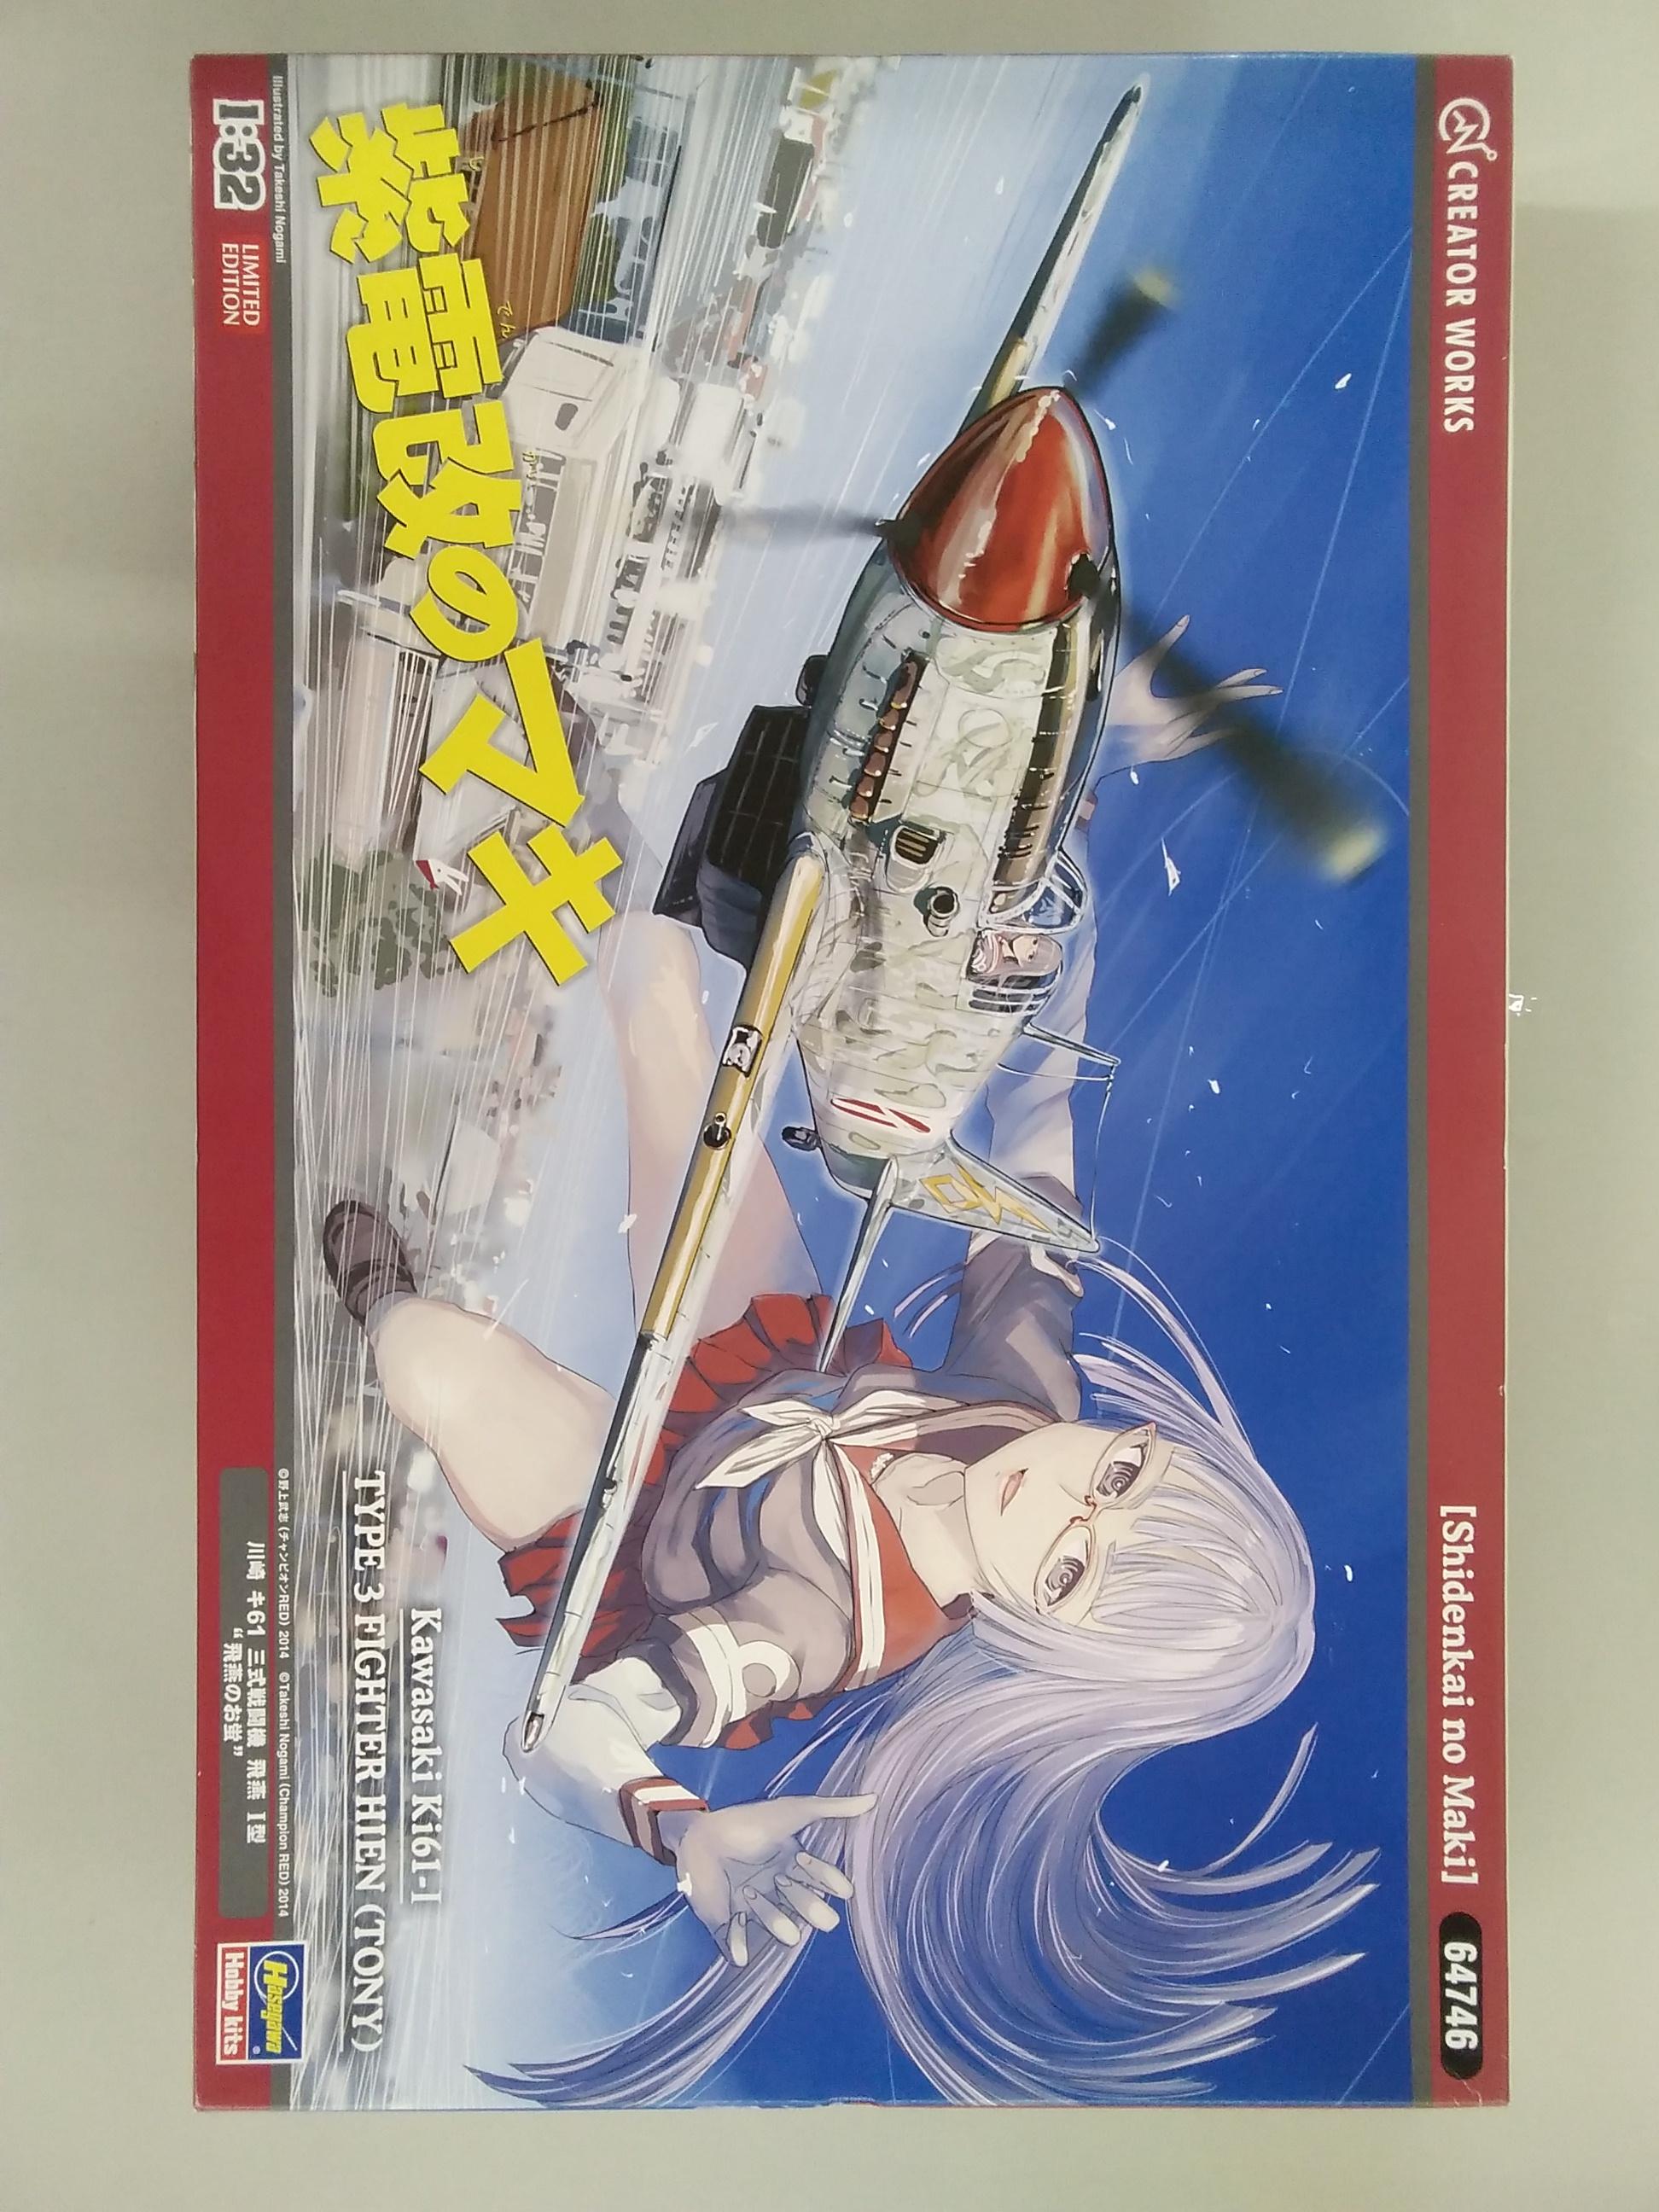 川崎 キ61 三式戦闘機 飛燕Ⅰ型|ハセガワ